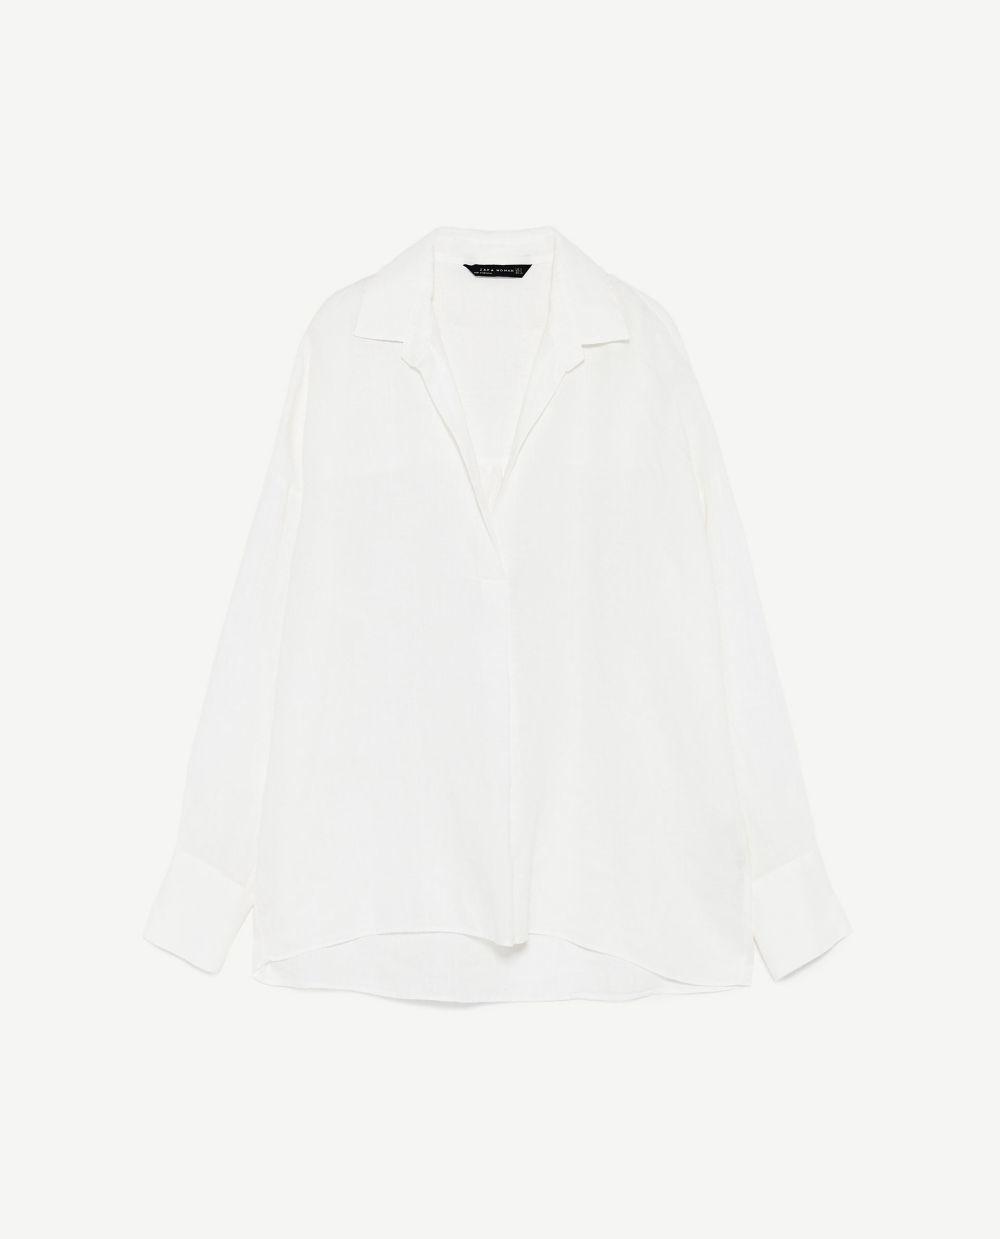 Camisa de lino, Zara (29.95 euros).